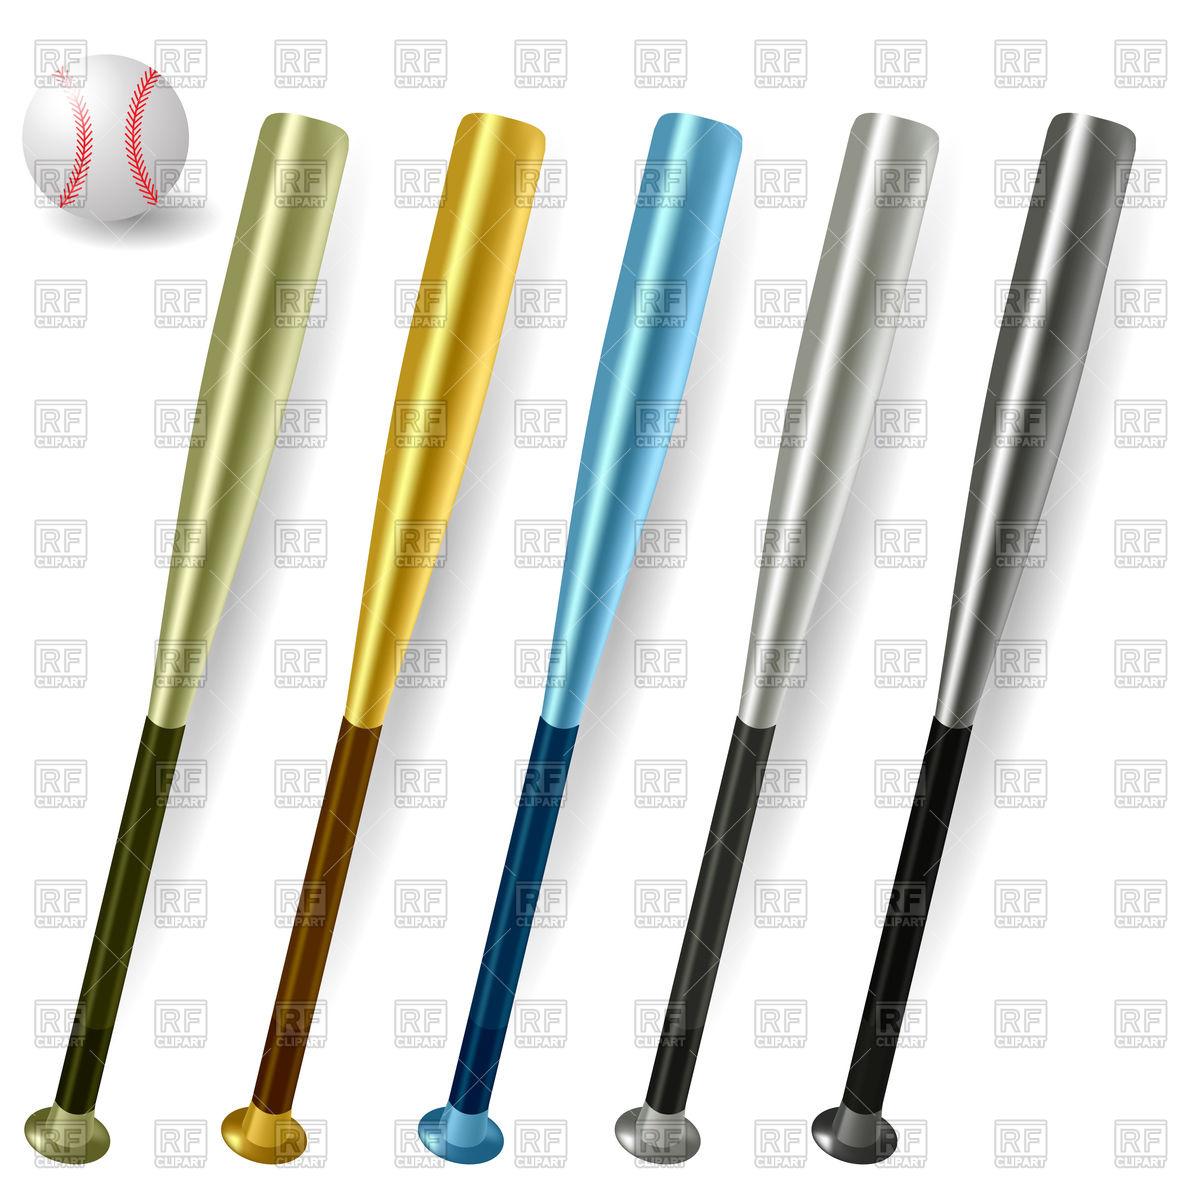 1200x1200 Baseball Bats And Ball Royalty Free Vector Clip Art Image